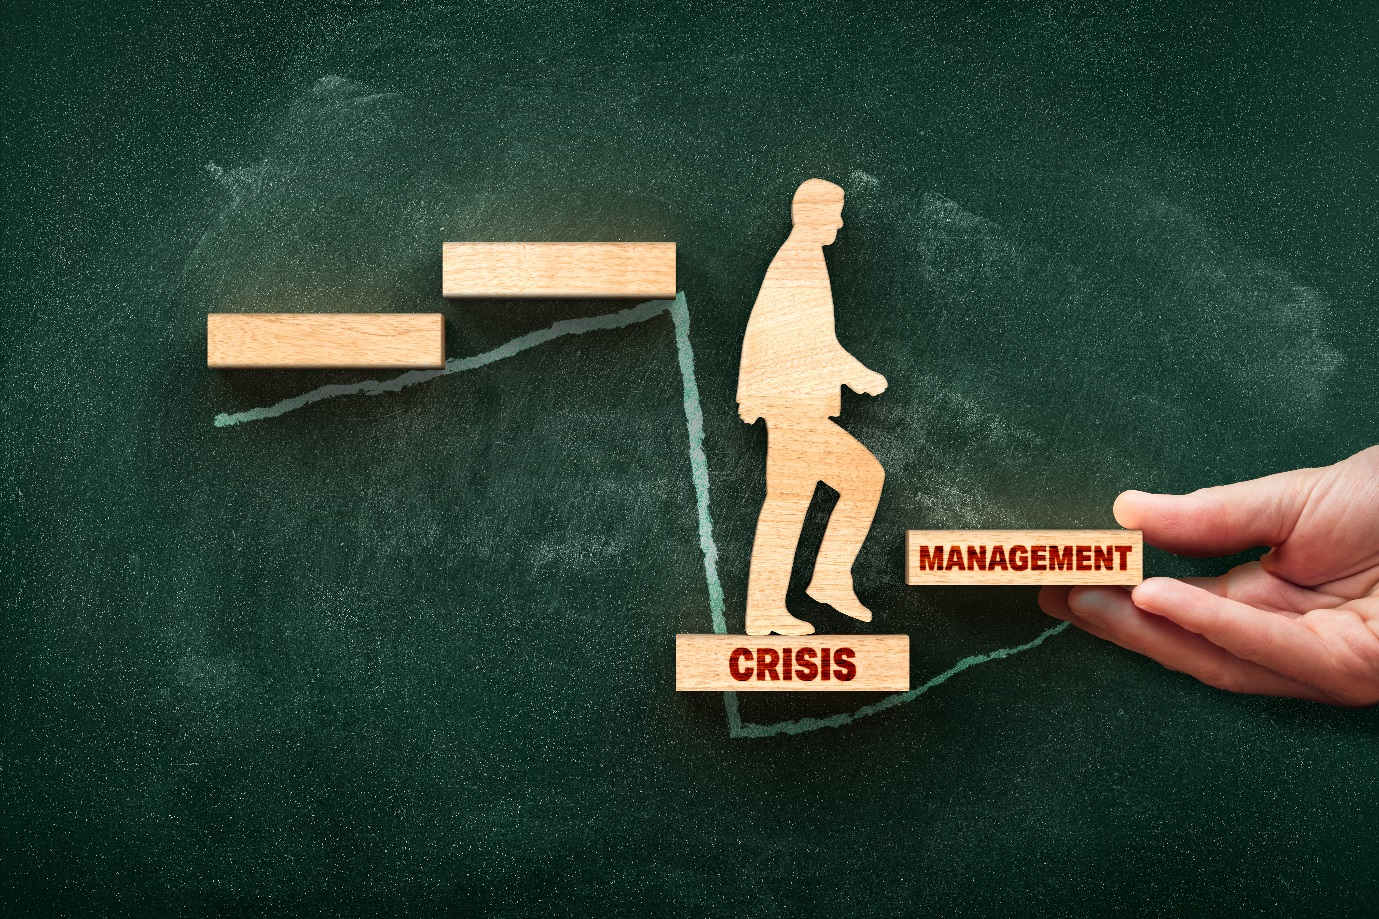 Антикризисная стратегия: диагностика и лечение кризисных ситуаций